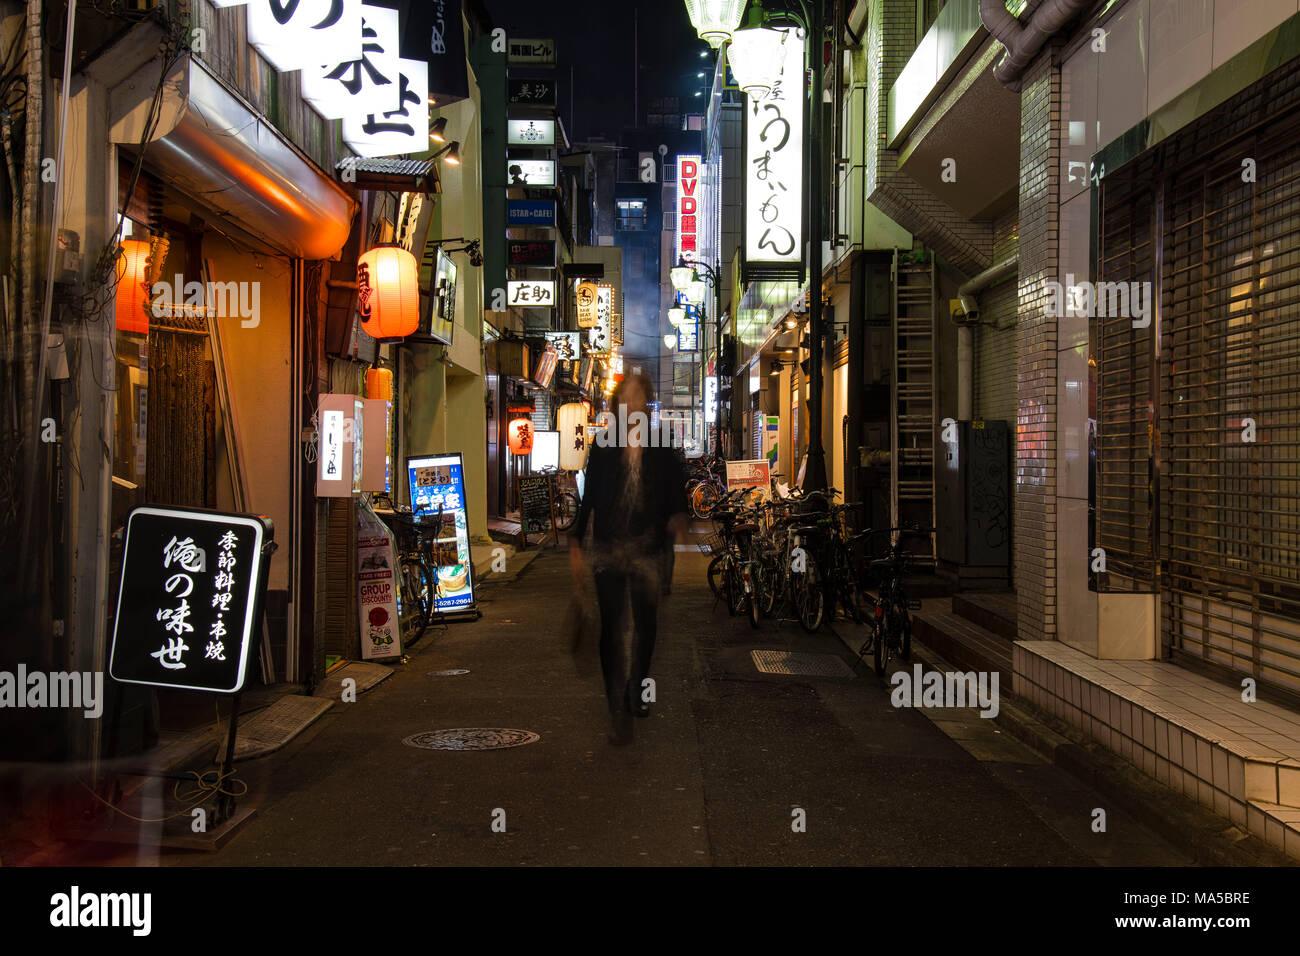 Asia, Japan, Nihon, Nippon, Tokyo, lane at Shinjuku - Stock Image